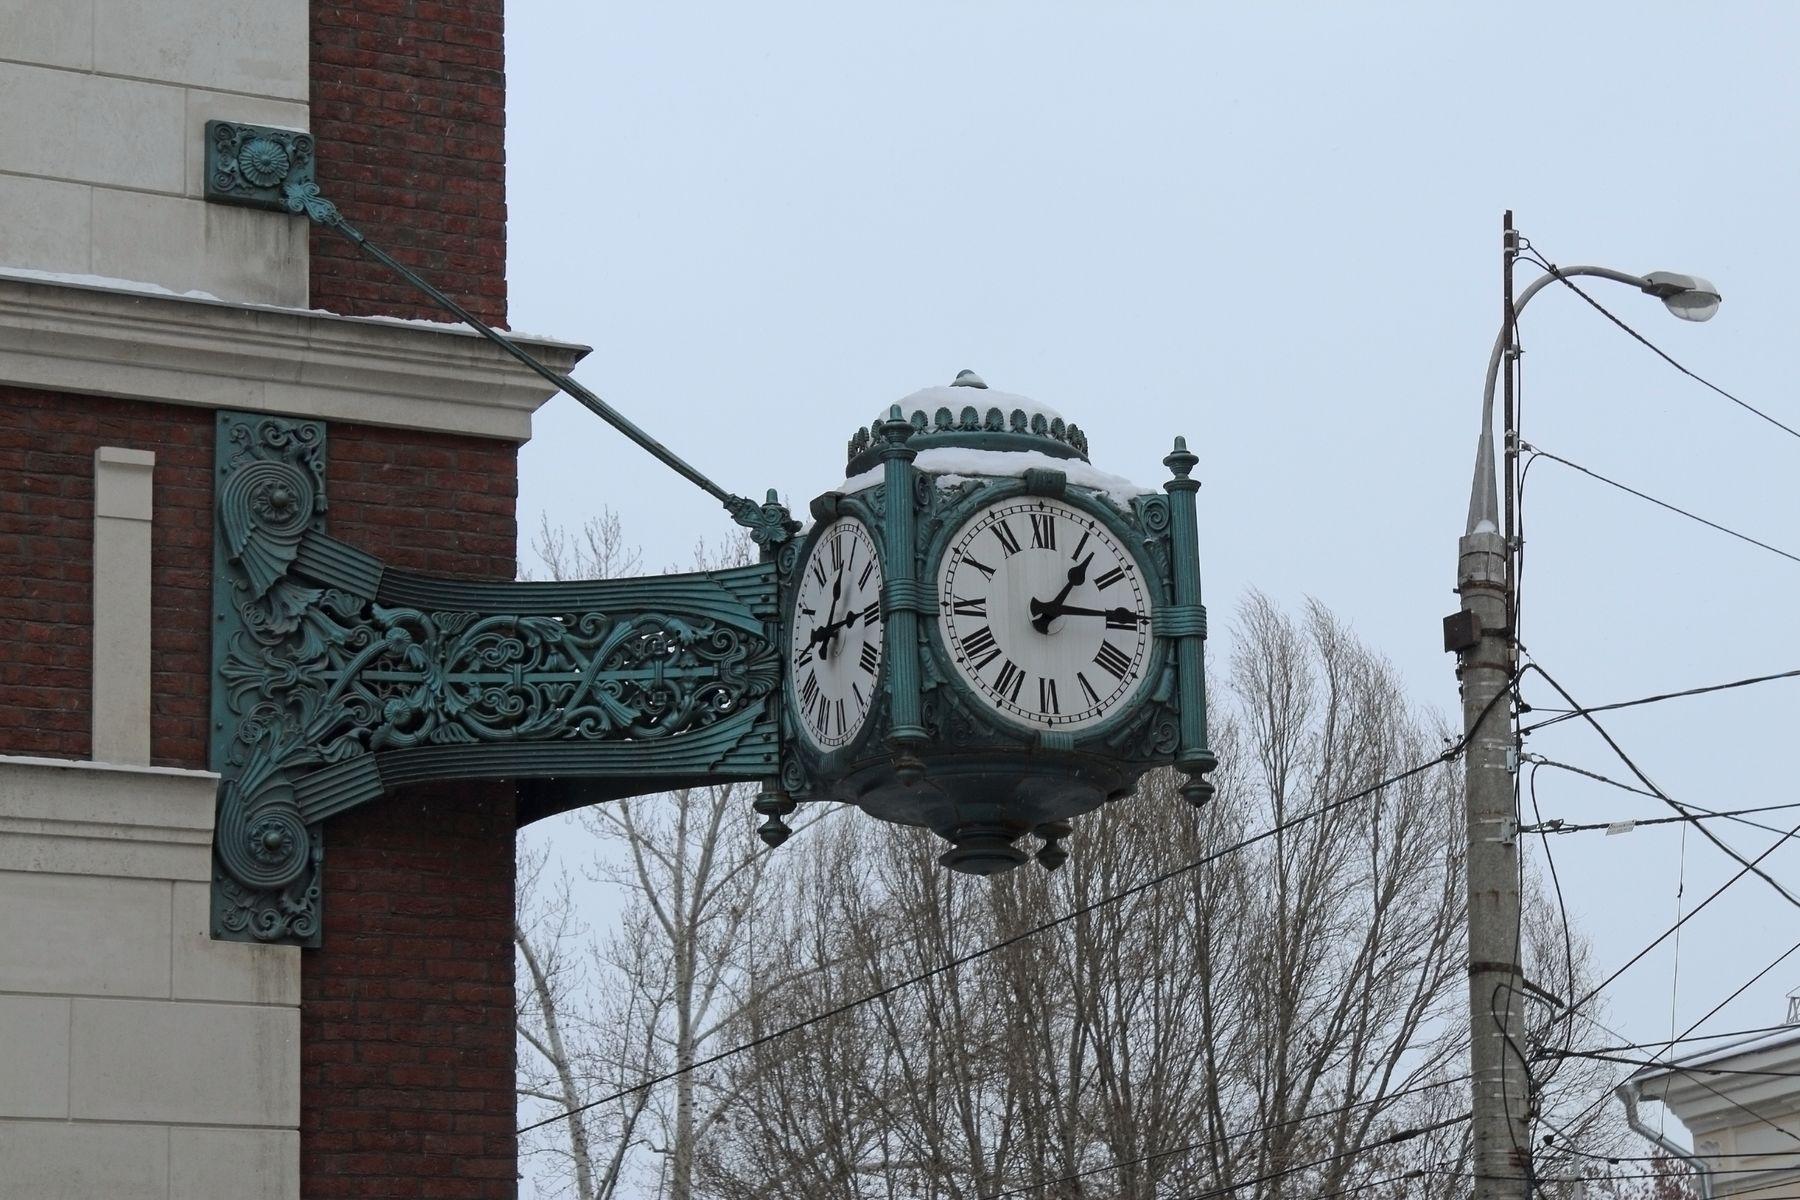 13:15 Дом парапет часы время кирпичи столб деревья провода пасмурно